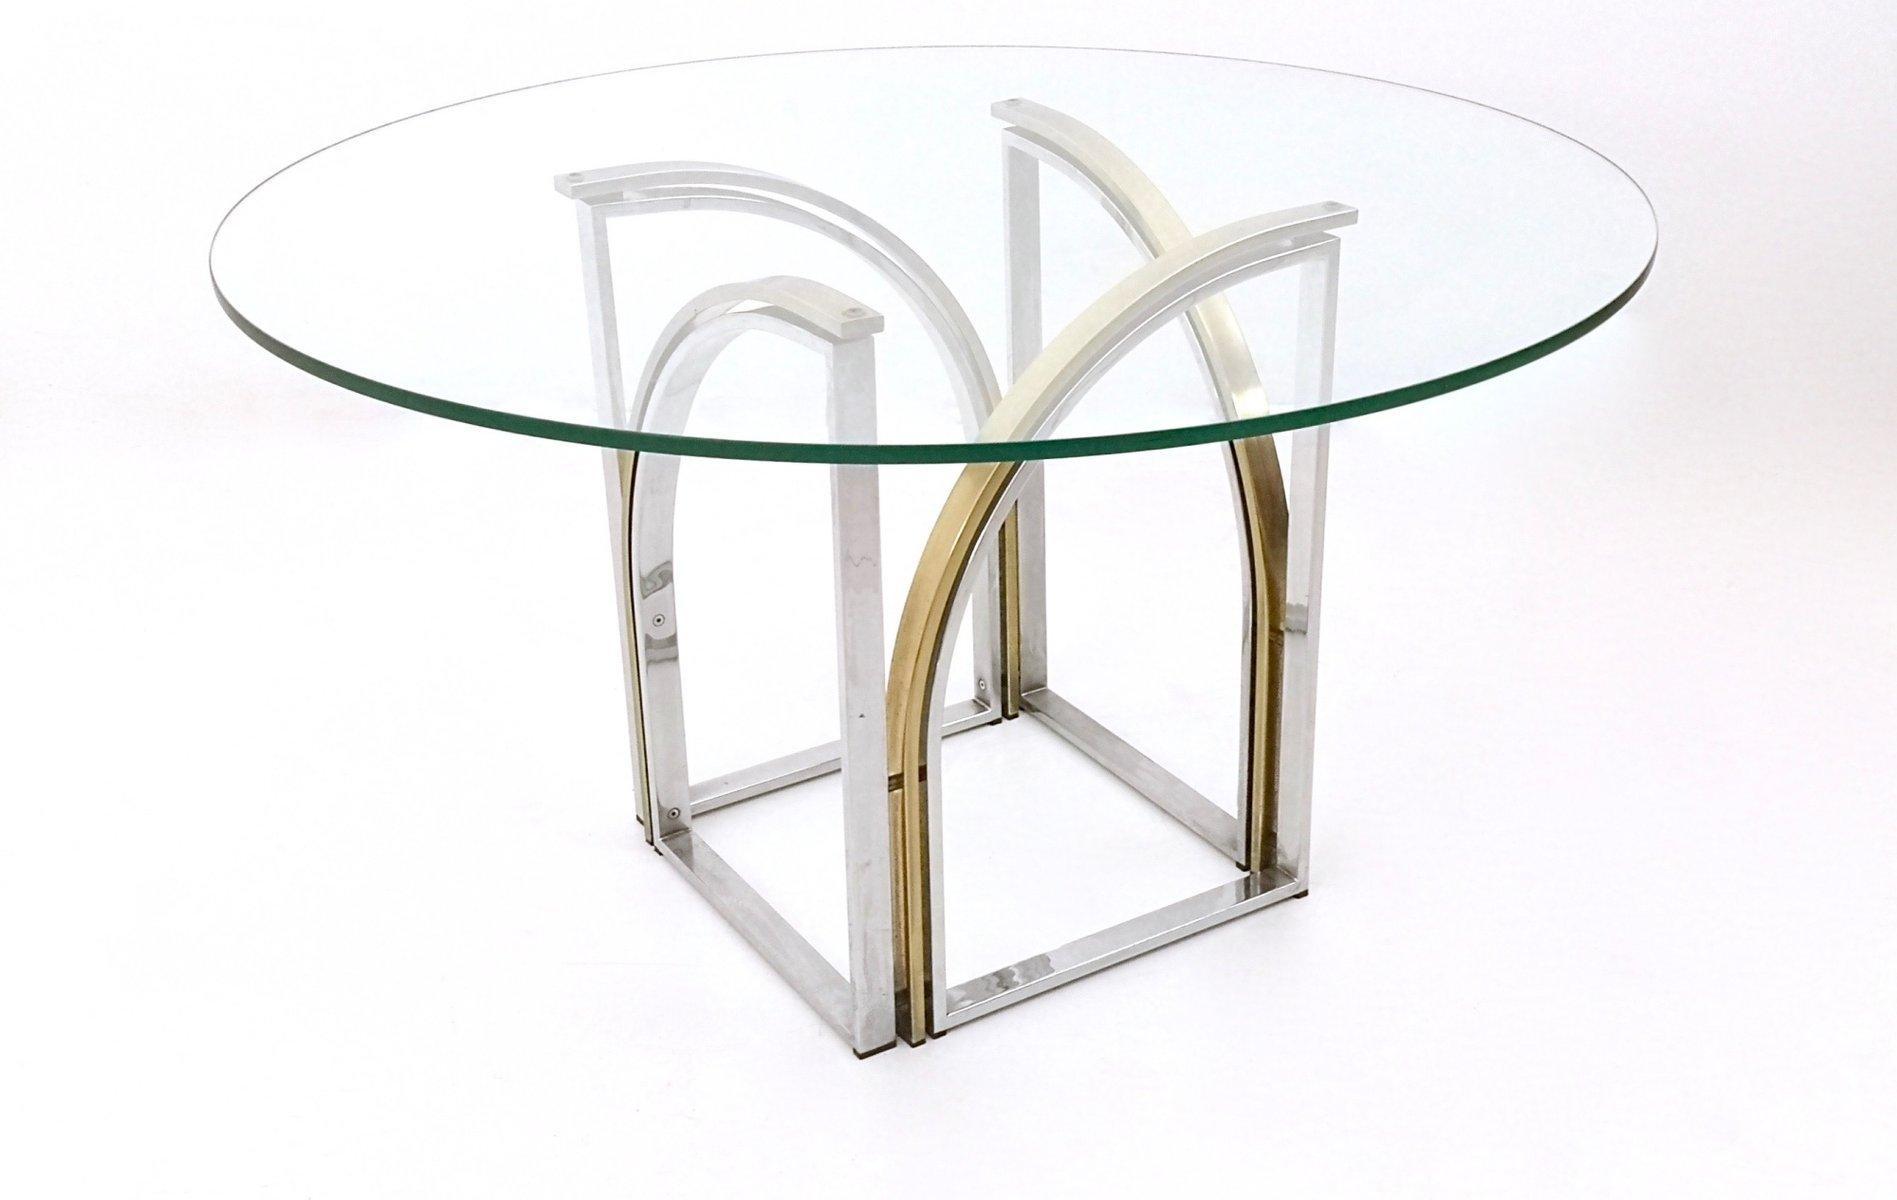 runder esstisch aus messing glas stahl von romeo rega 1970er bei pamono kaufen. Black Bedroom Furniture Sets. Home Design Ideas